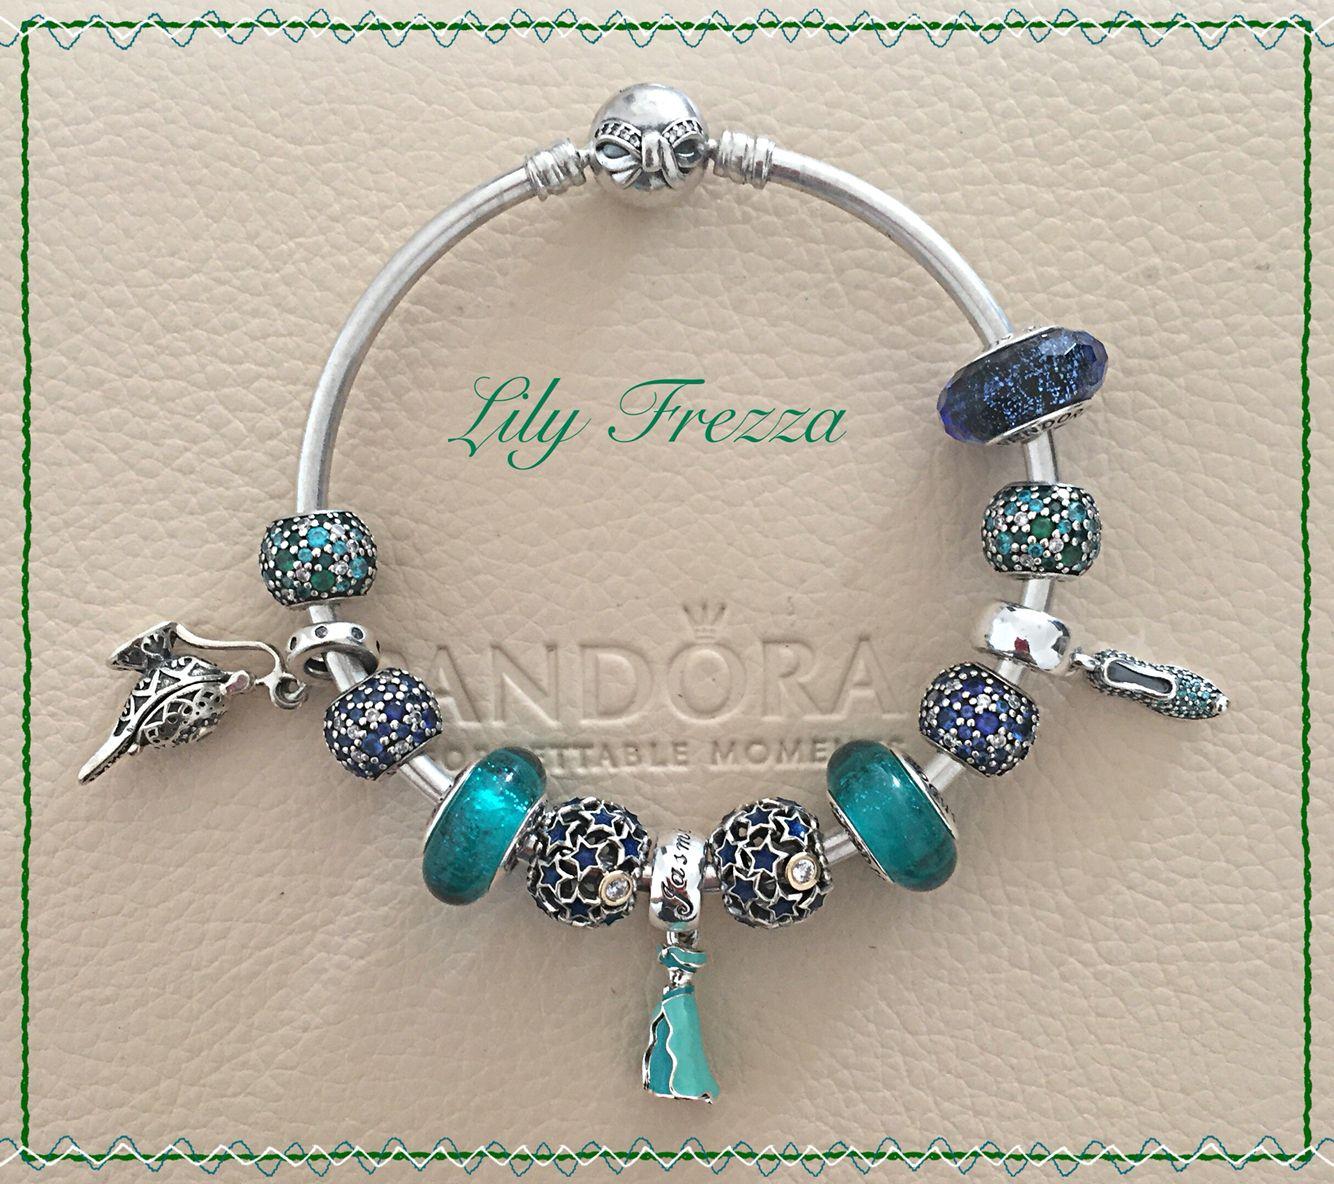 Jasmine Disney Pandora | Pandora bracelet designs, Pandora ...